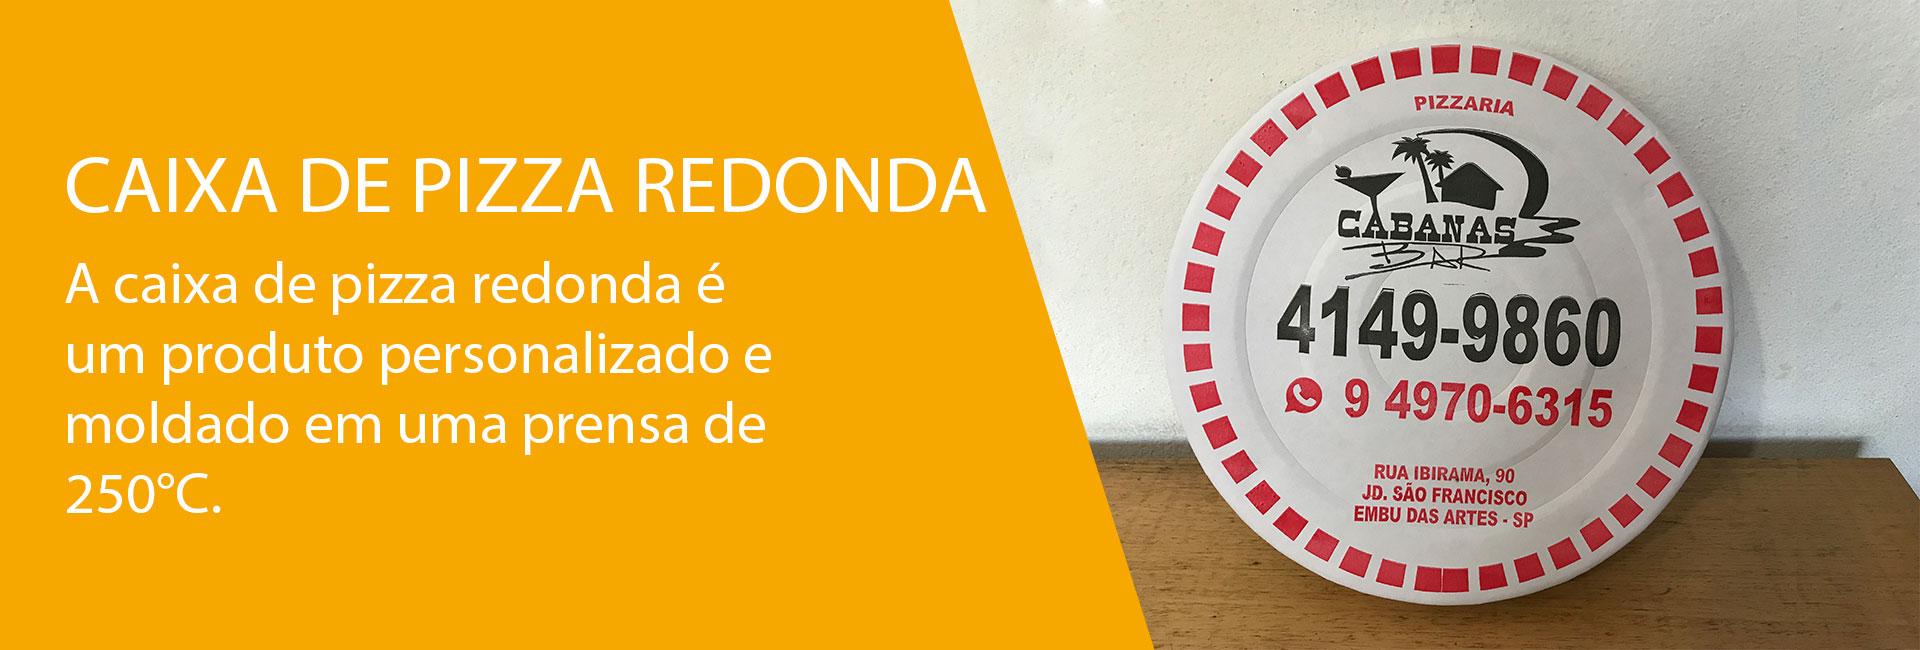 CAIXA DE PIZZA REDONDA